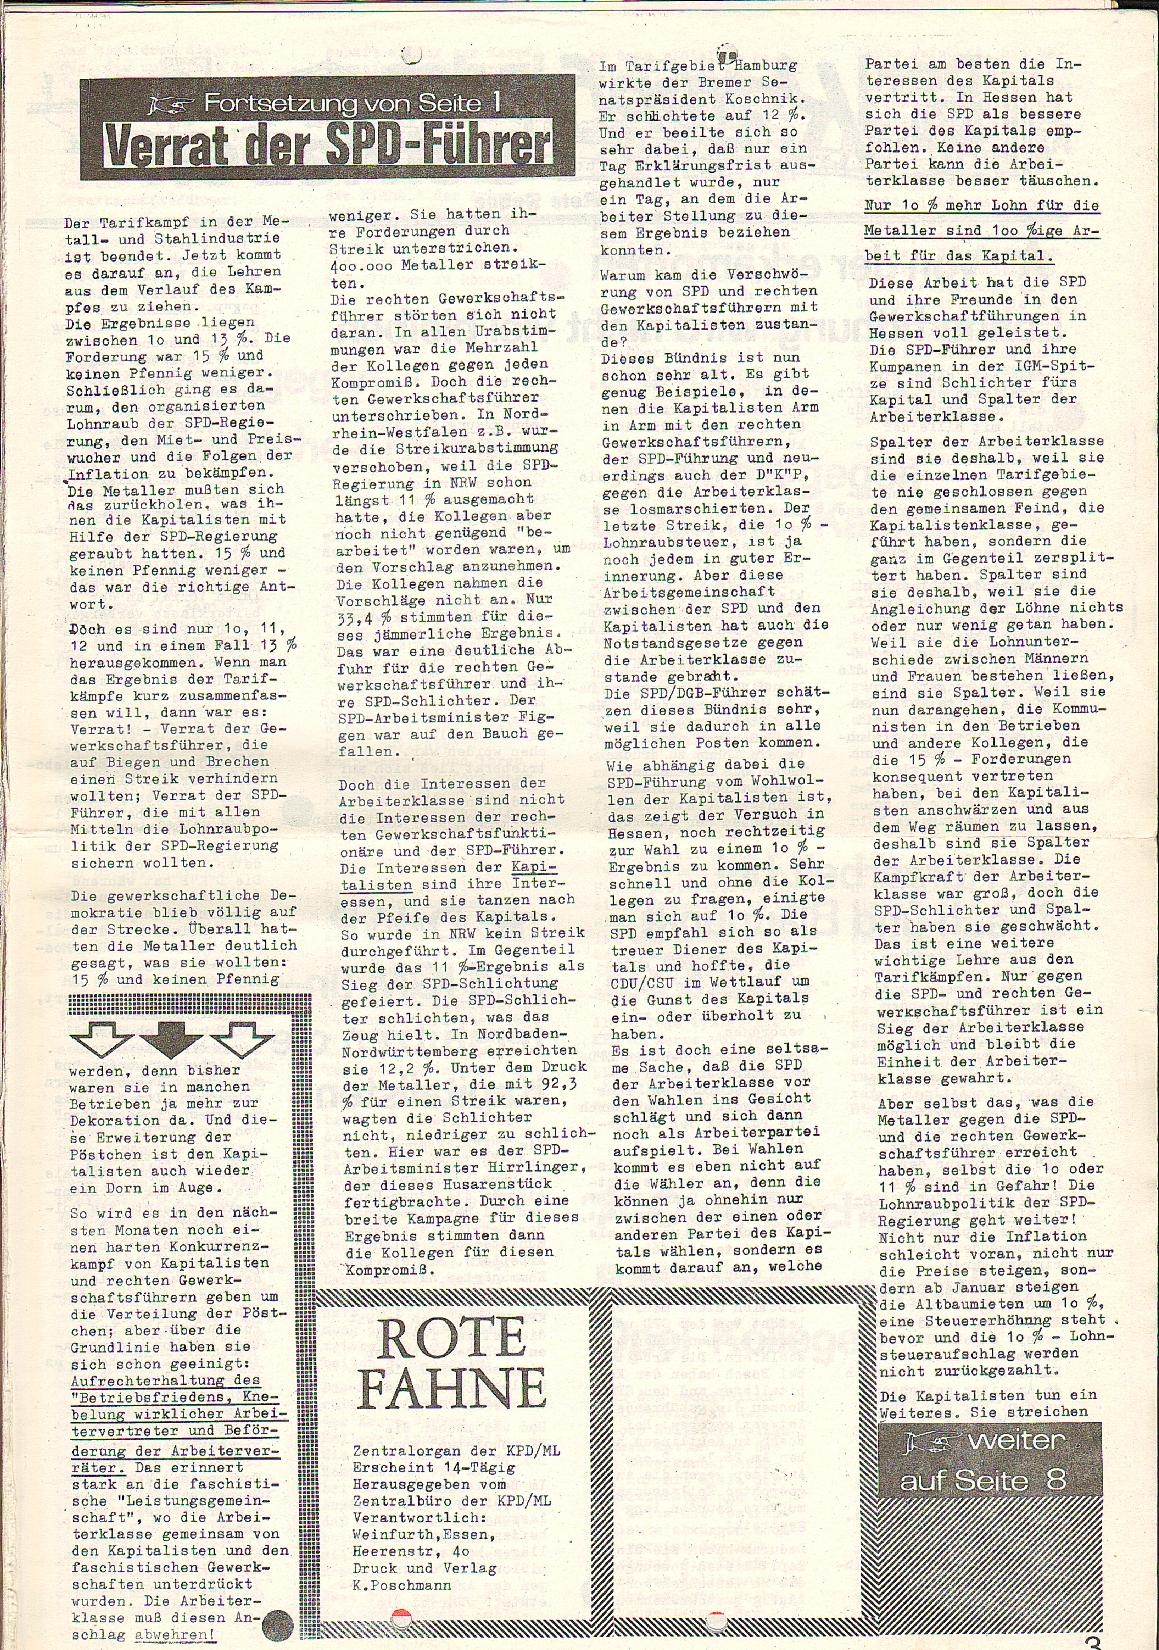 Rote Fahne, 1. Jg., 23.11.1970, Nr. 4, Seite 3